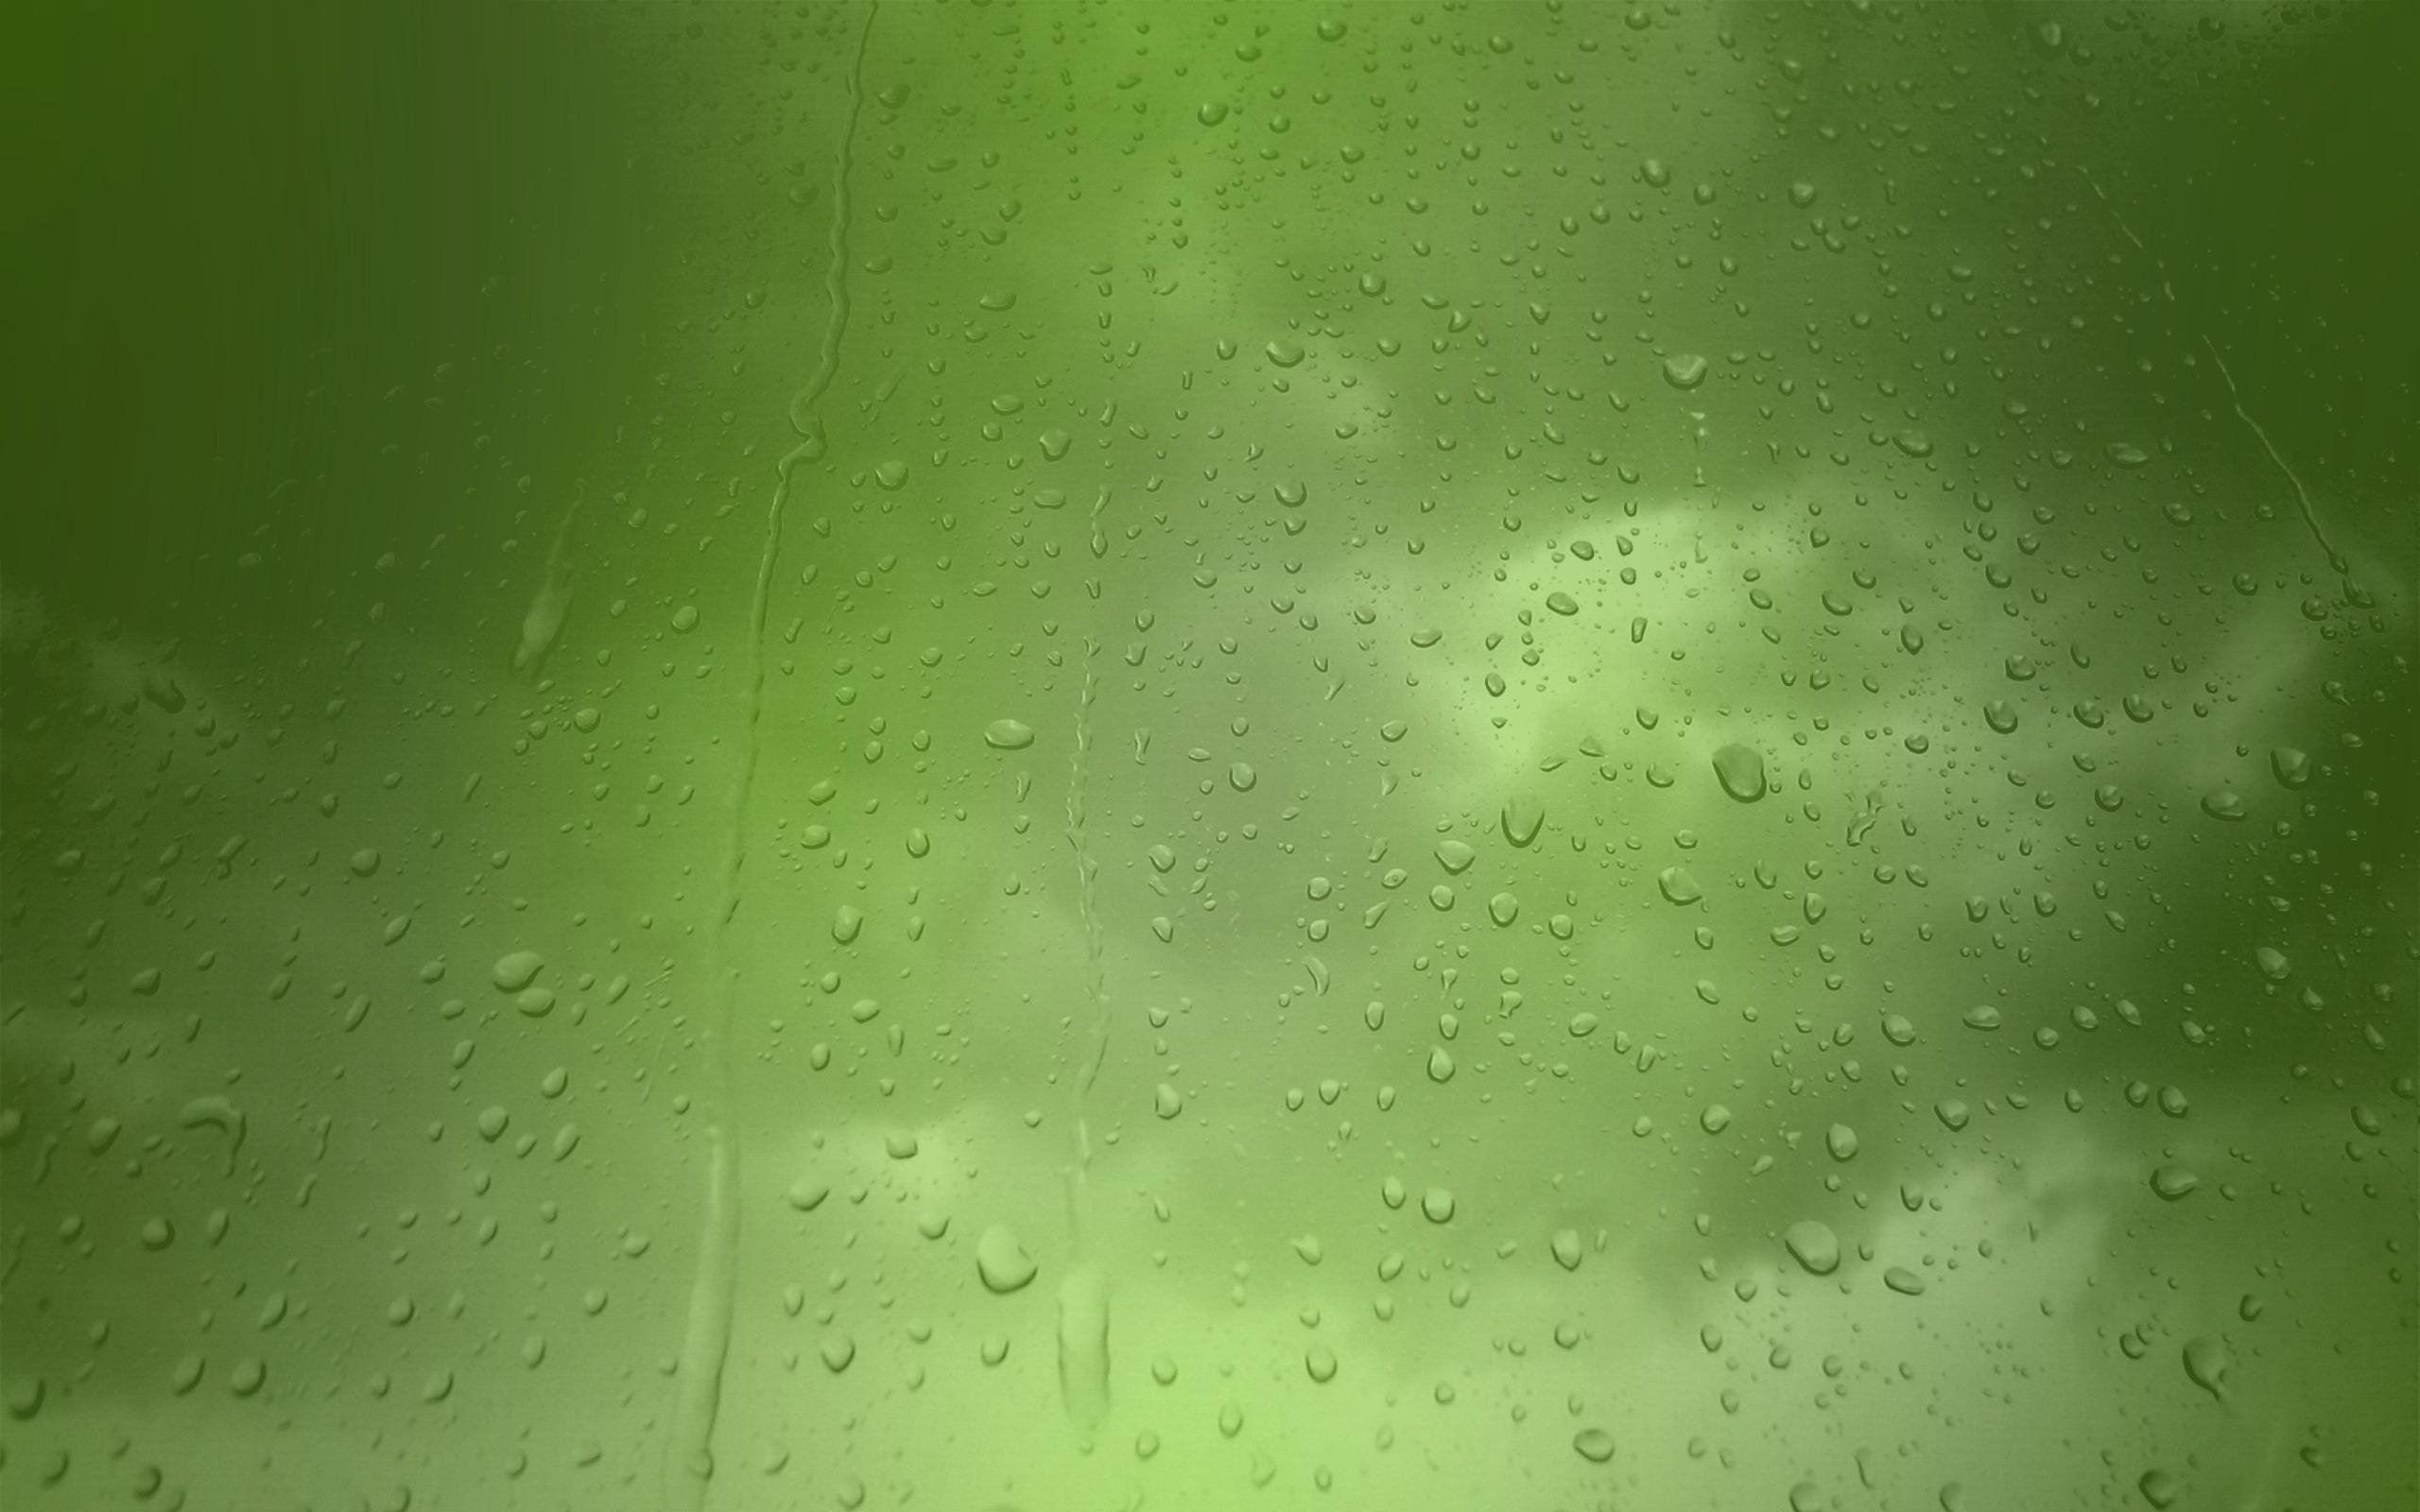 зеленый фон капли свет  № 3258022 бесплатно